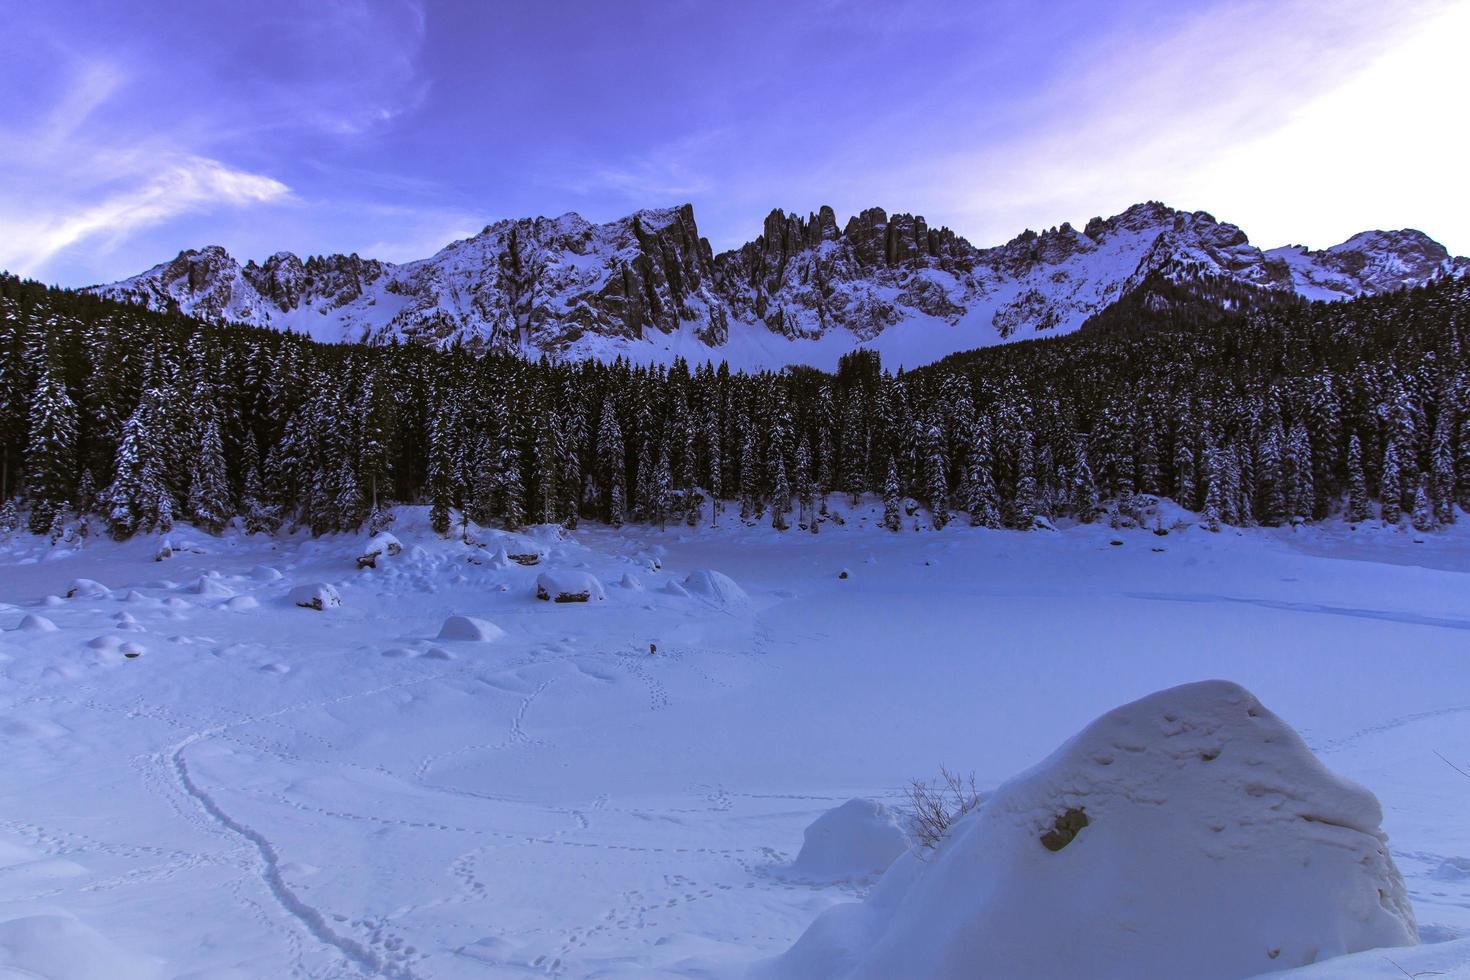 Bäume und schneebedeckte Berge foto